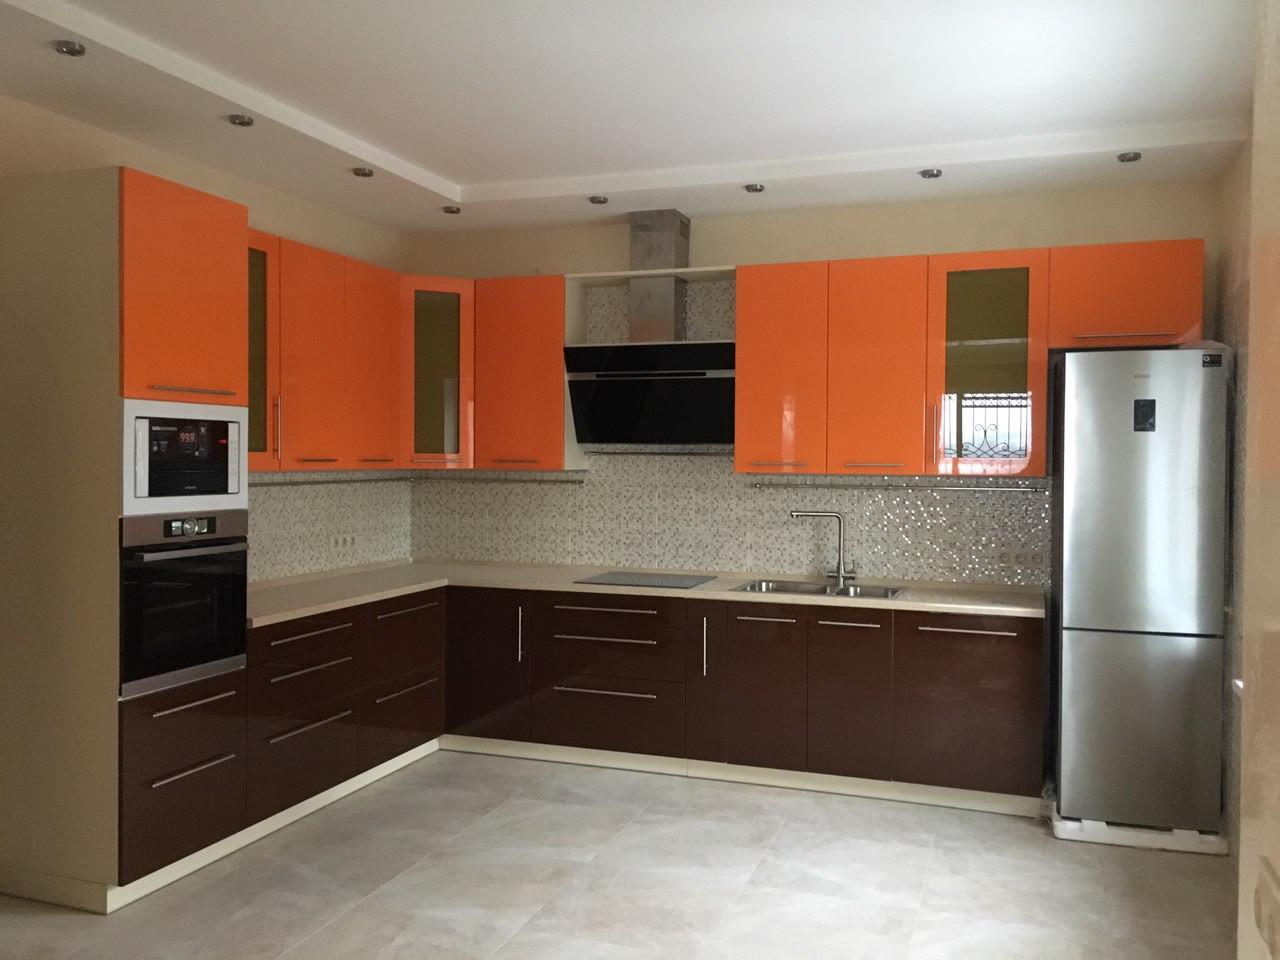 Кухня белая глянцевая верх оранжевый низ коричневый. Блюм фурритура